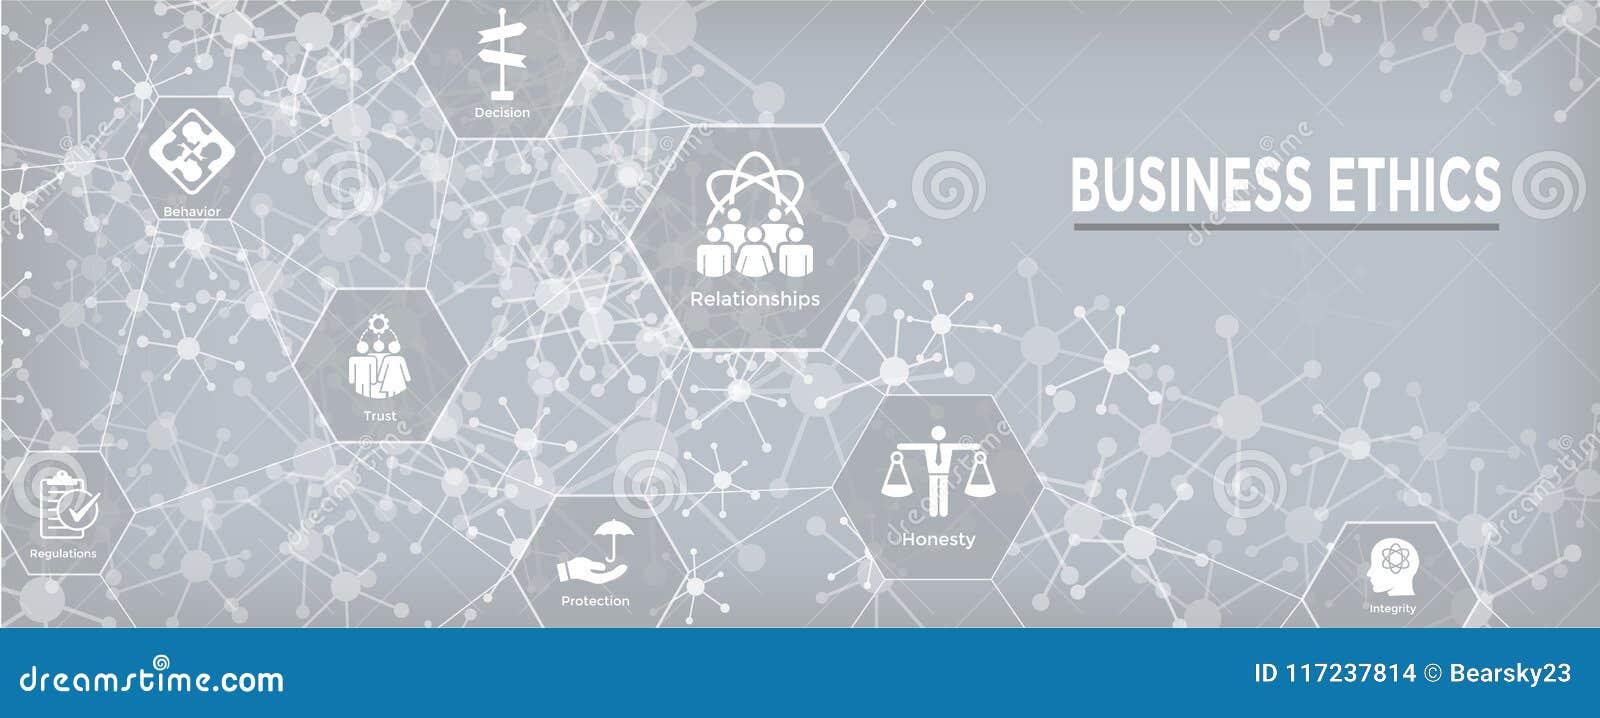 Geschäftsmoral-Netz-Fahnen-Ikone eingestellt mit Ehrlichkeit, Integrität, COM